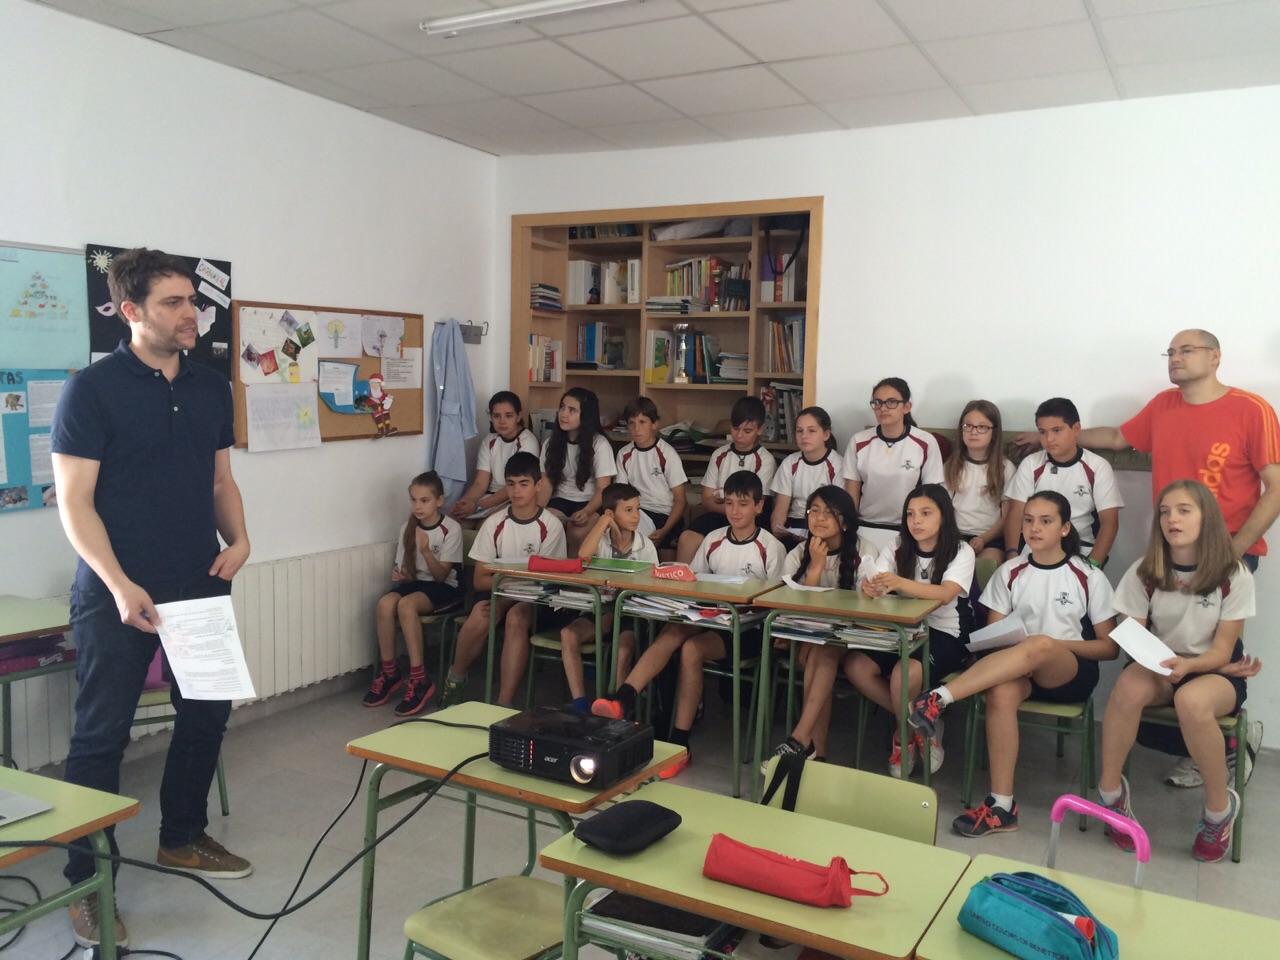 Colegio Don Cristobal